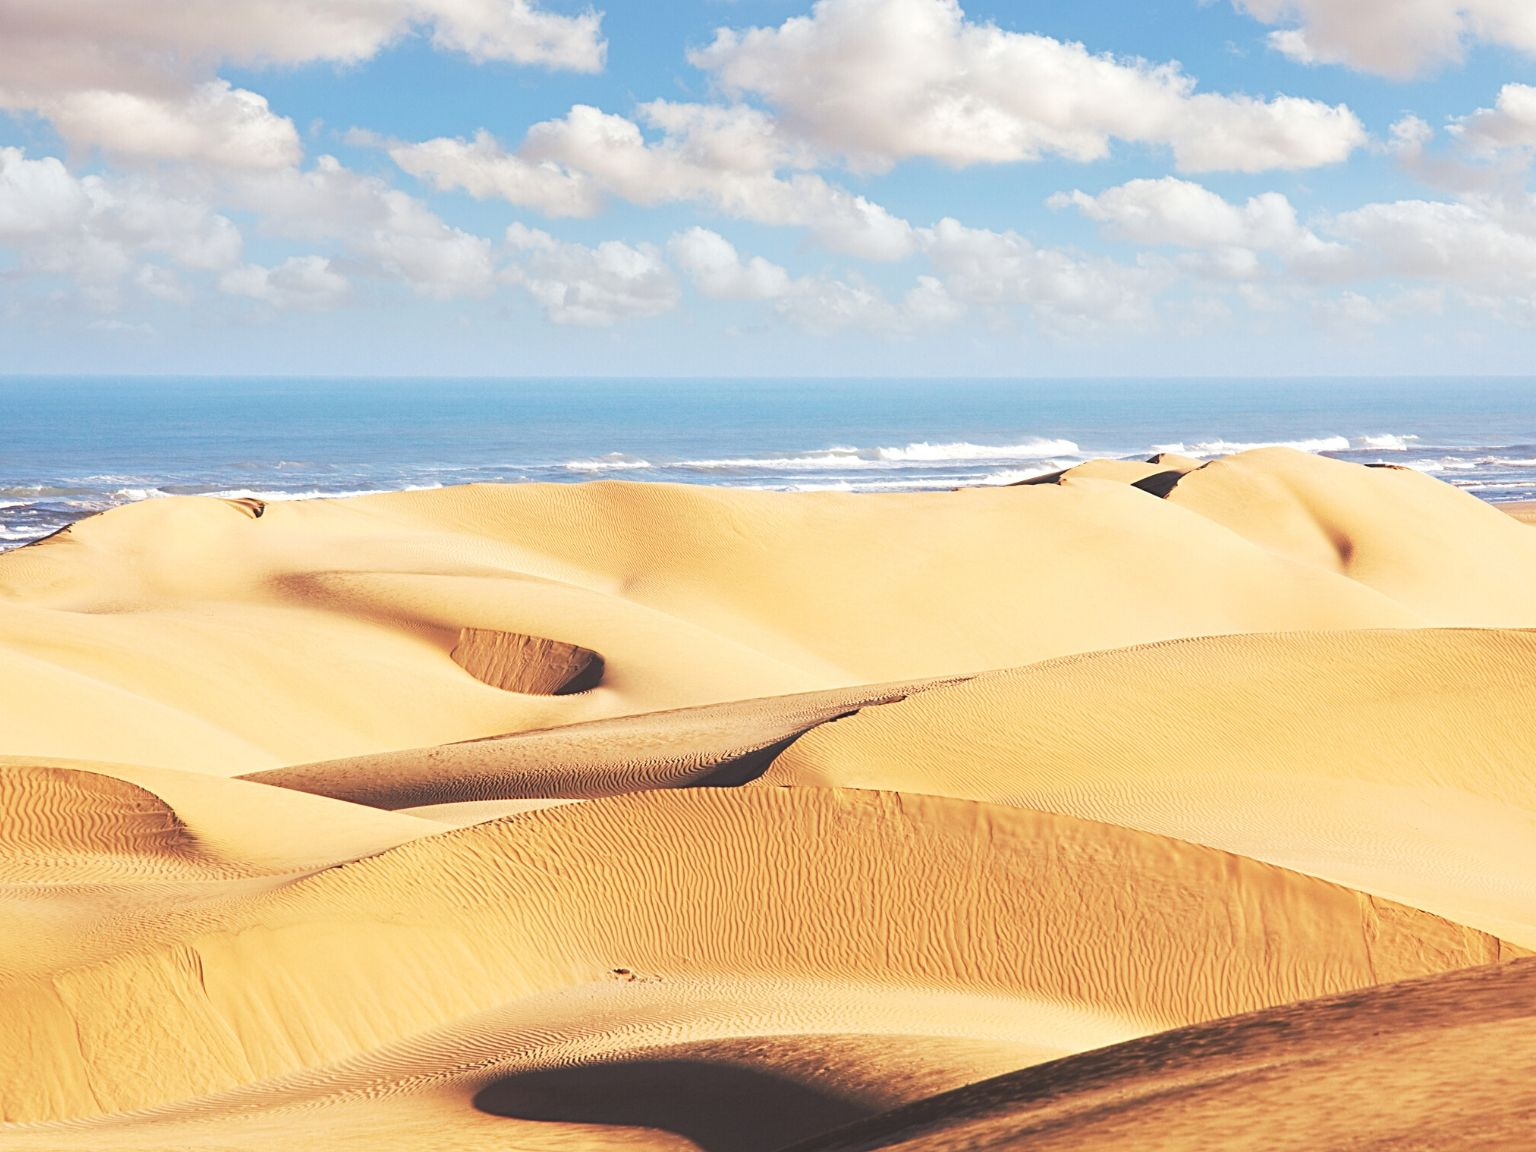 Region de Dajla-Rio de Oro Marruecos